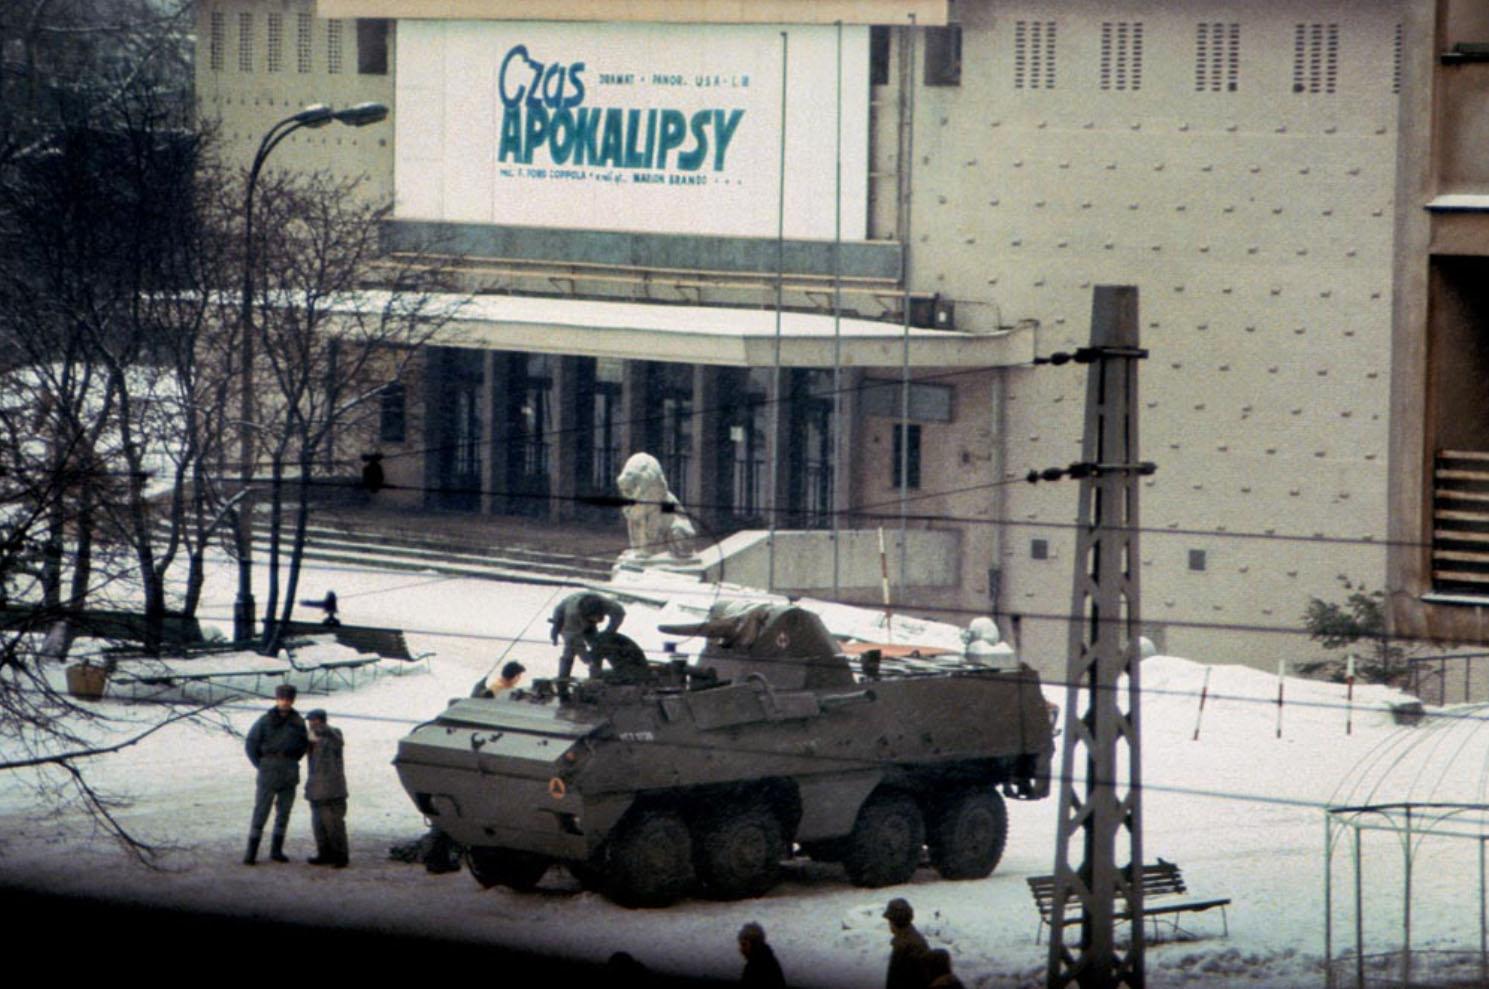 stan wojenny, czas apokalipsy, 13 grudnia,